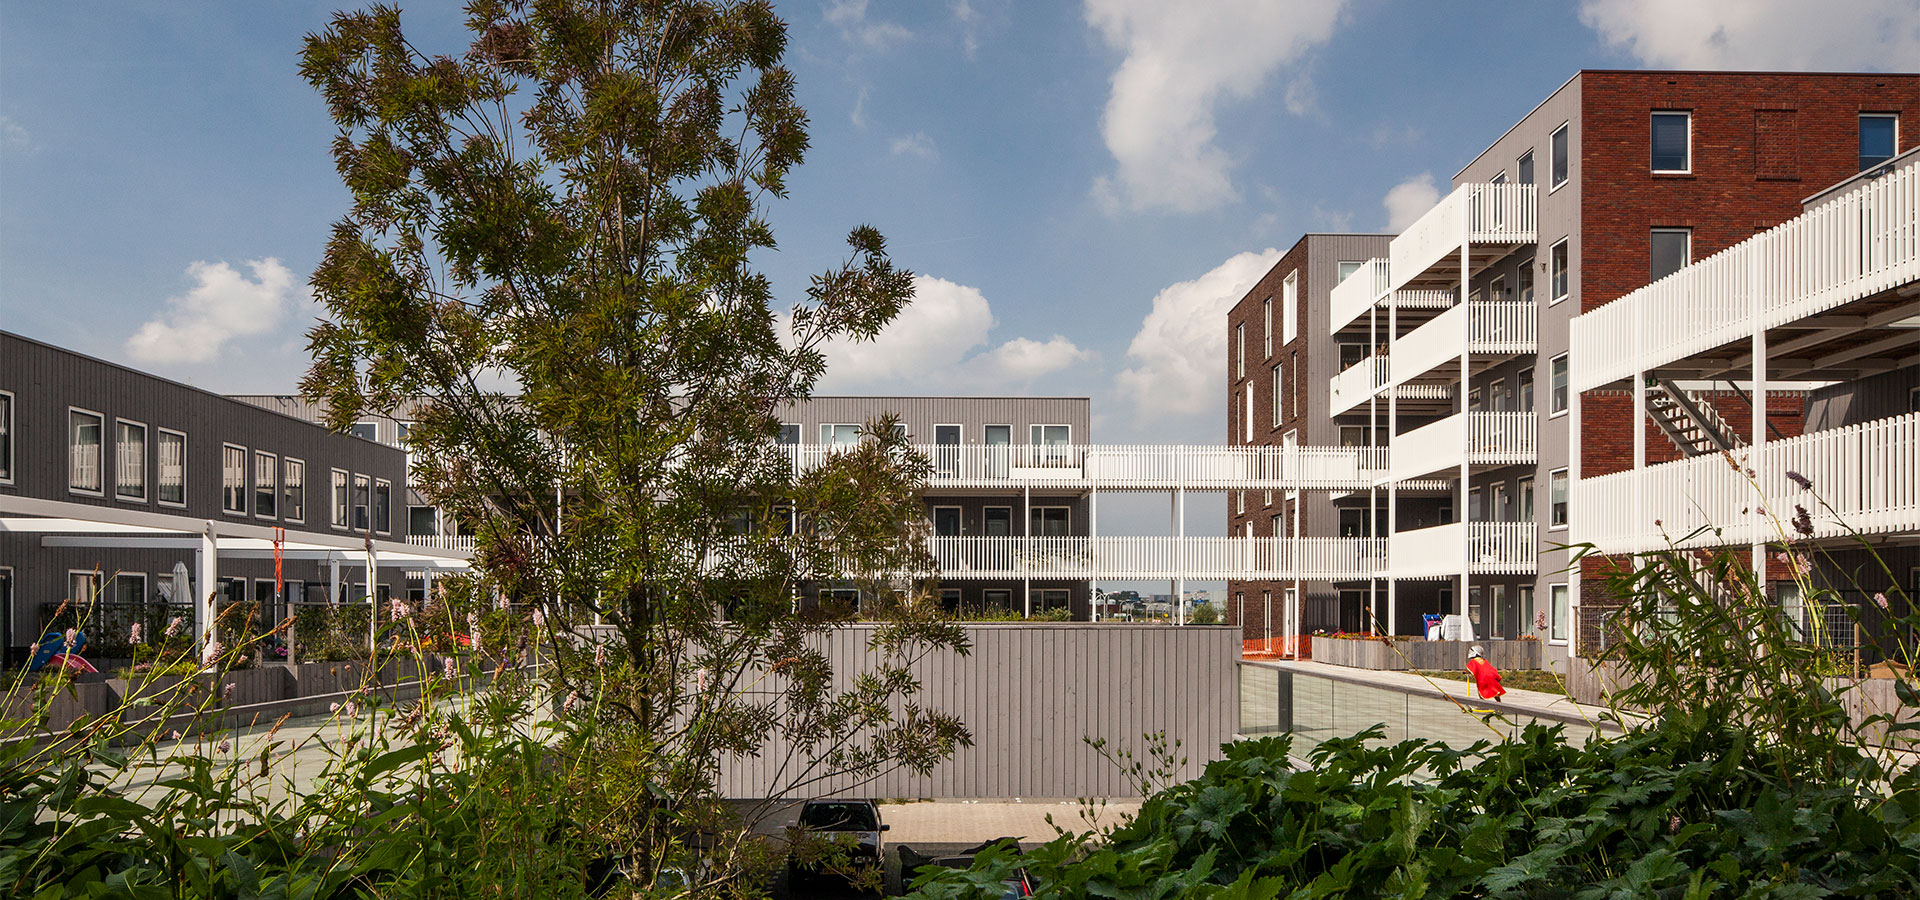 FARO architecten Harnaschpolder Delft 03